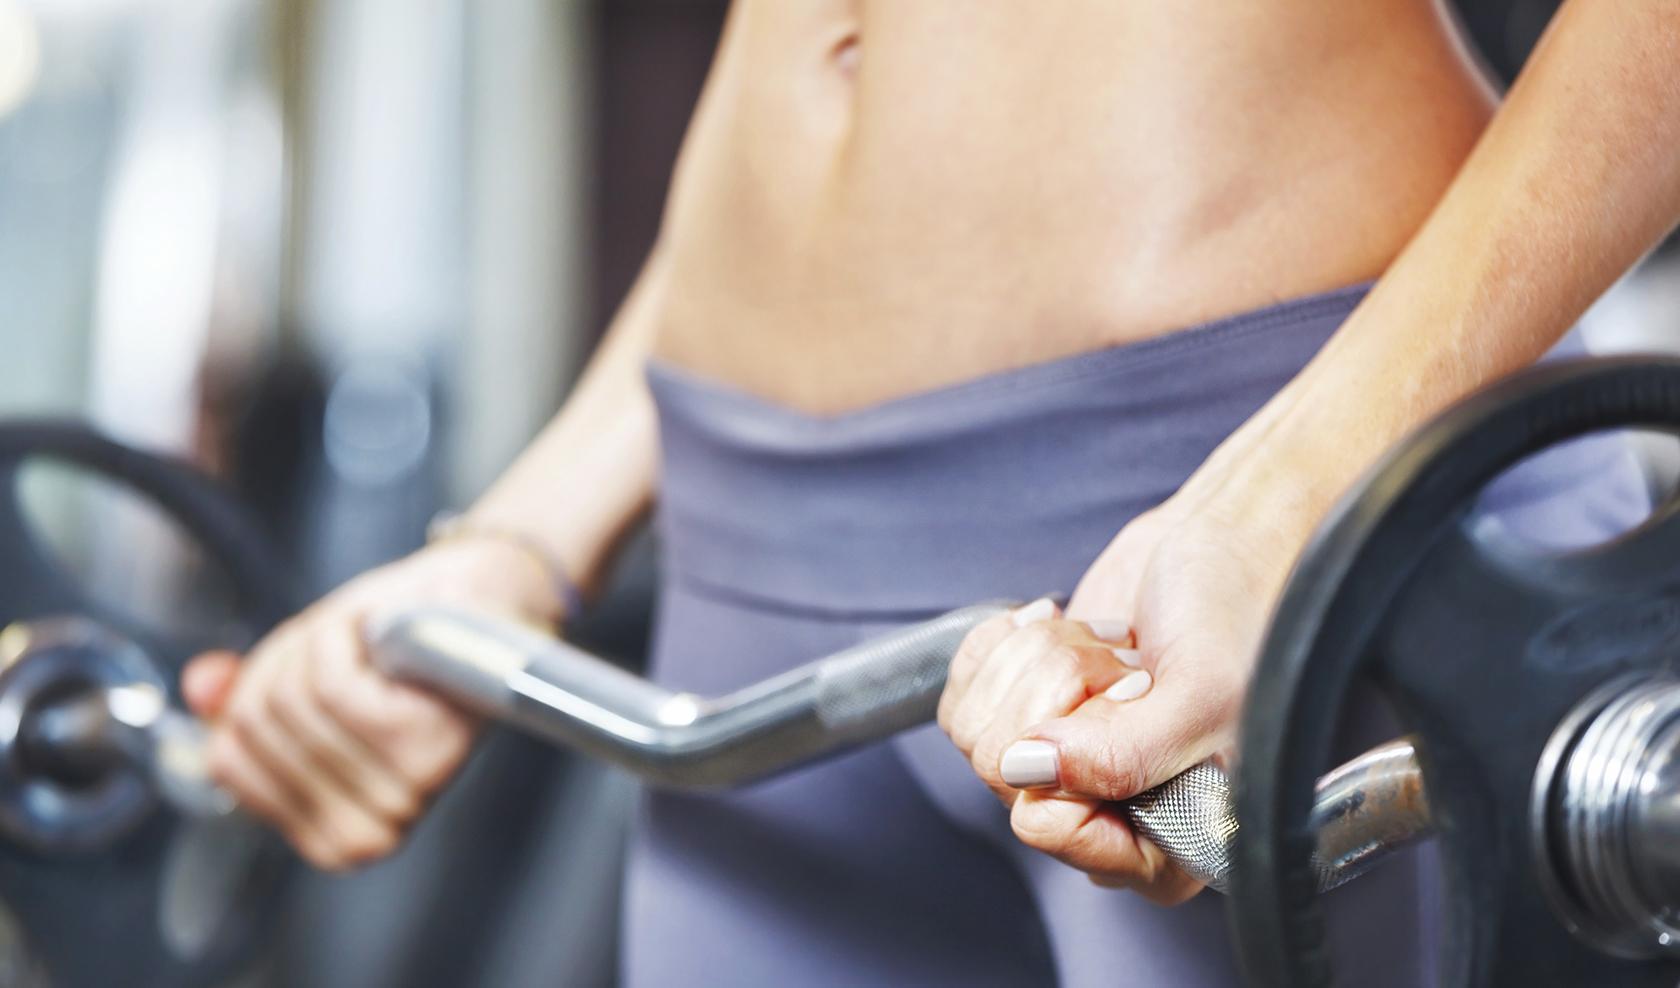 4 podstawowe błędy w redukcji tkanki tłuszczowej